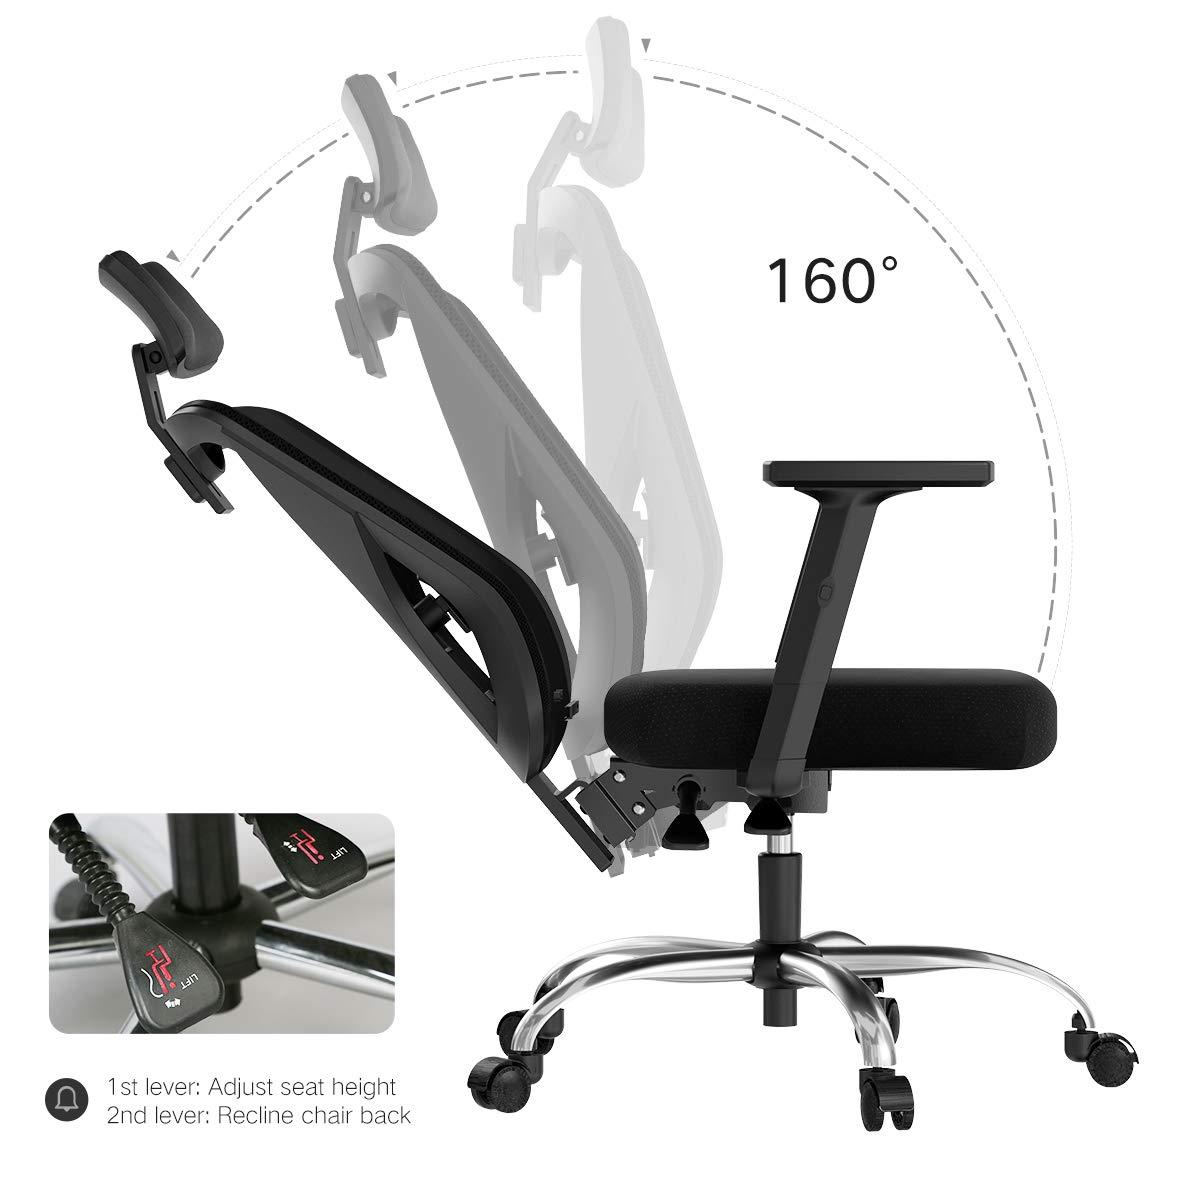 Bianco Hbada Sedia da Ufficio ergonomica Sedia da Ufficio in Rete Sedia da Ufficio Regolabile braccioli Supporto Lombare